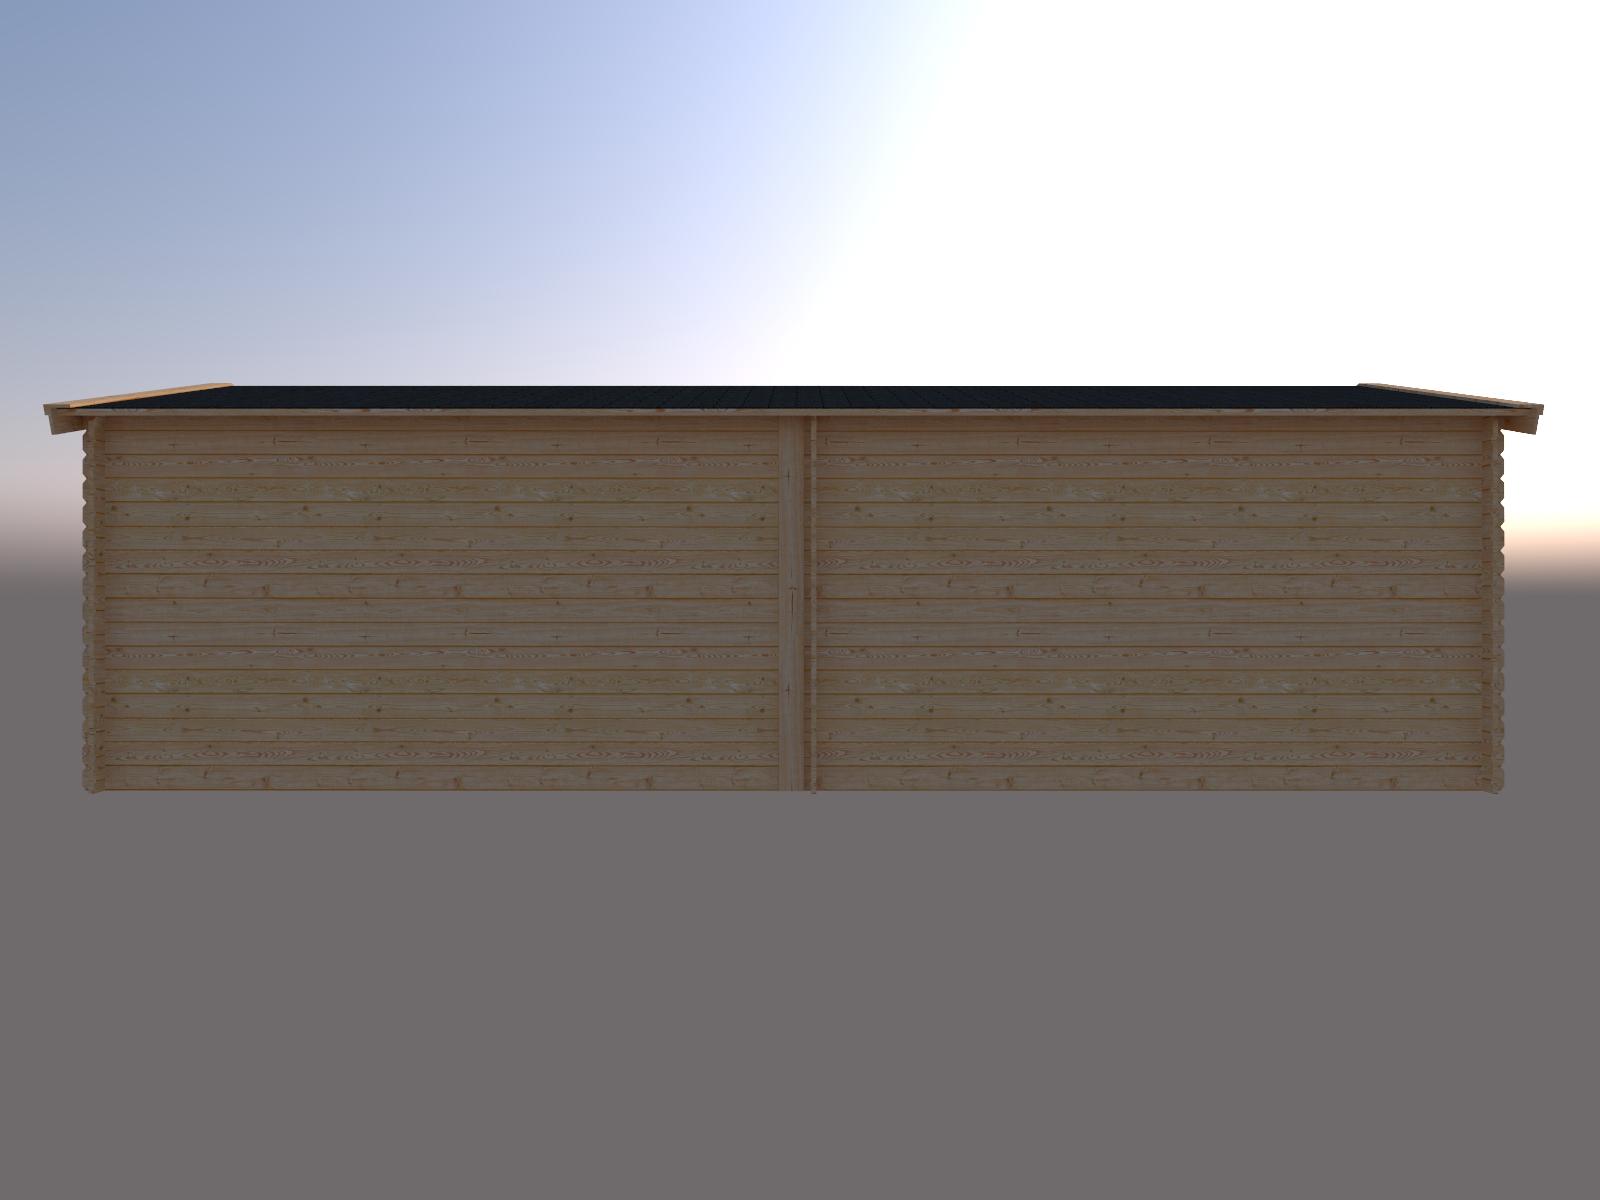 DWF Blokhut met overkapping zadeldak 400 x 300 + 400cm